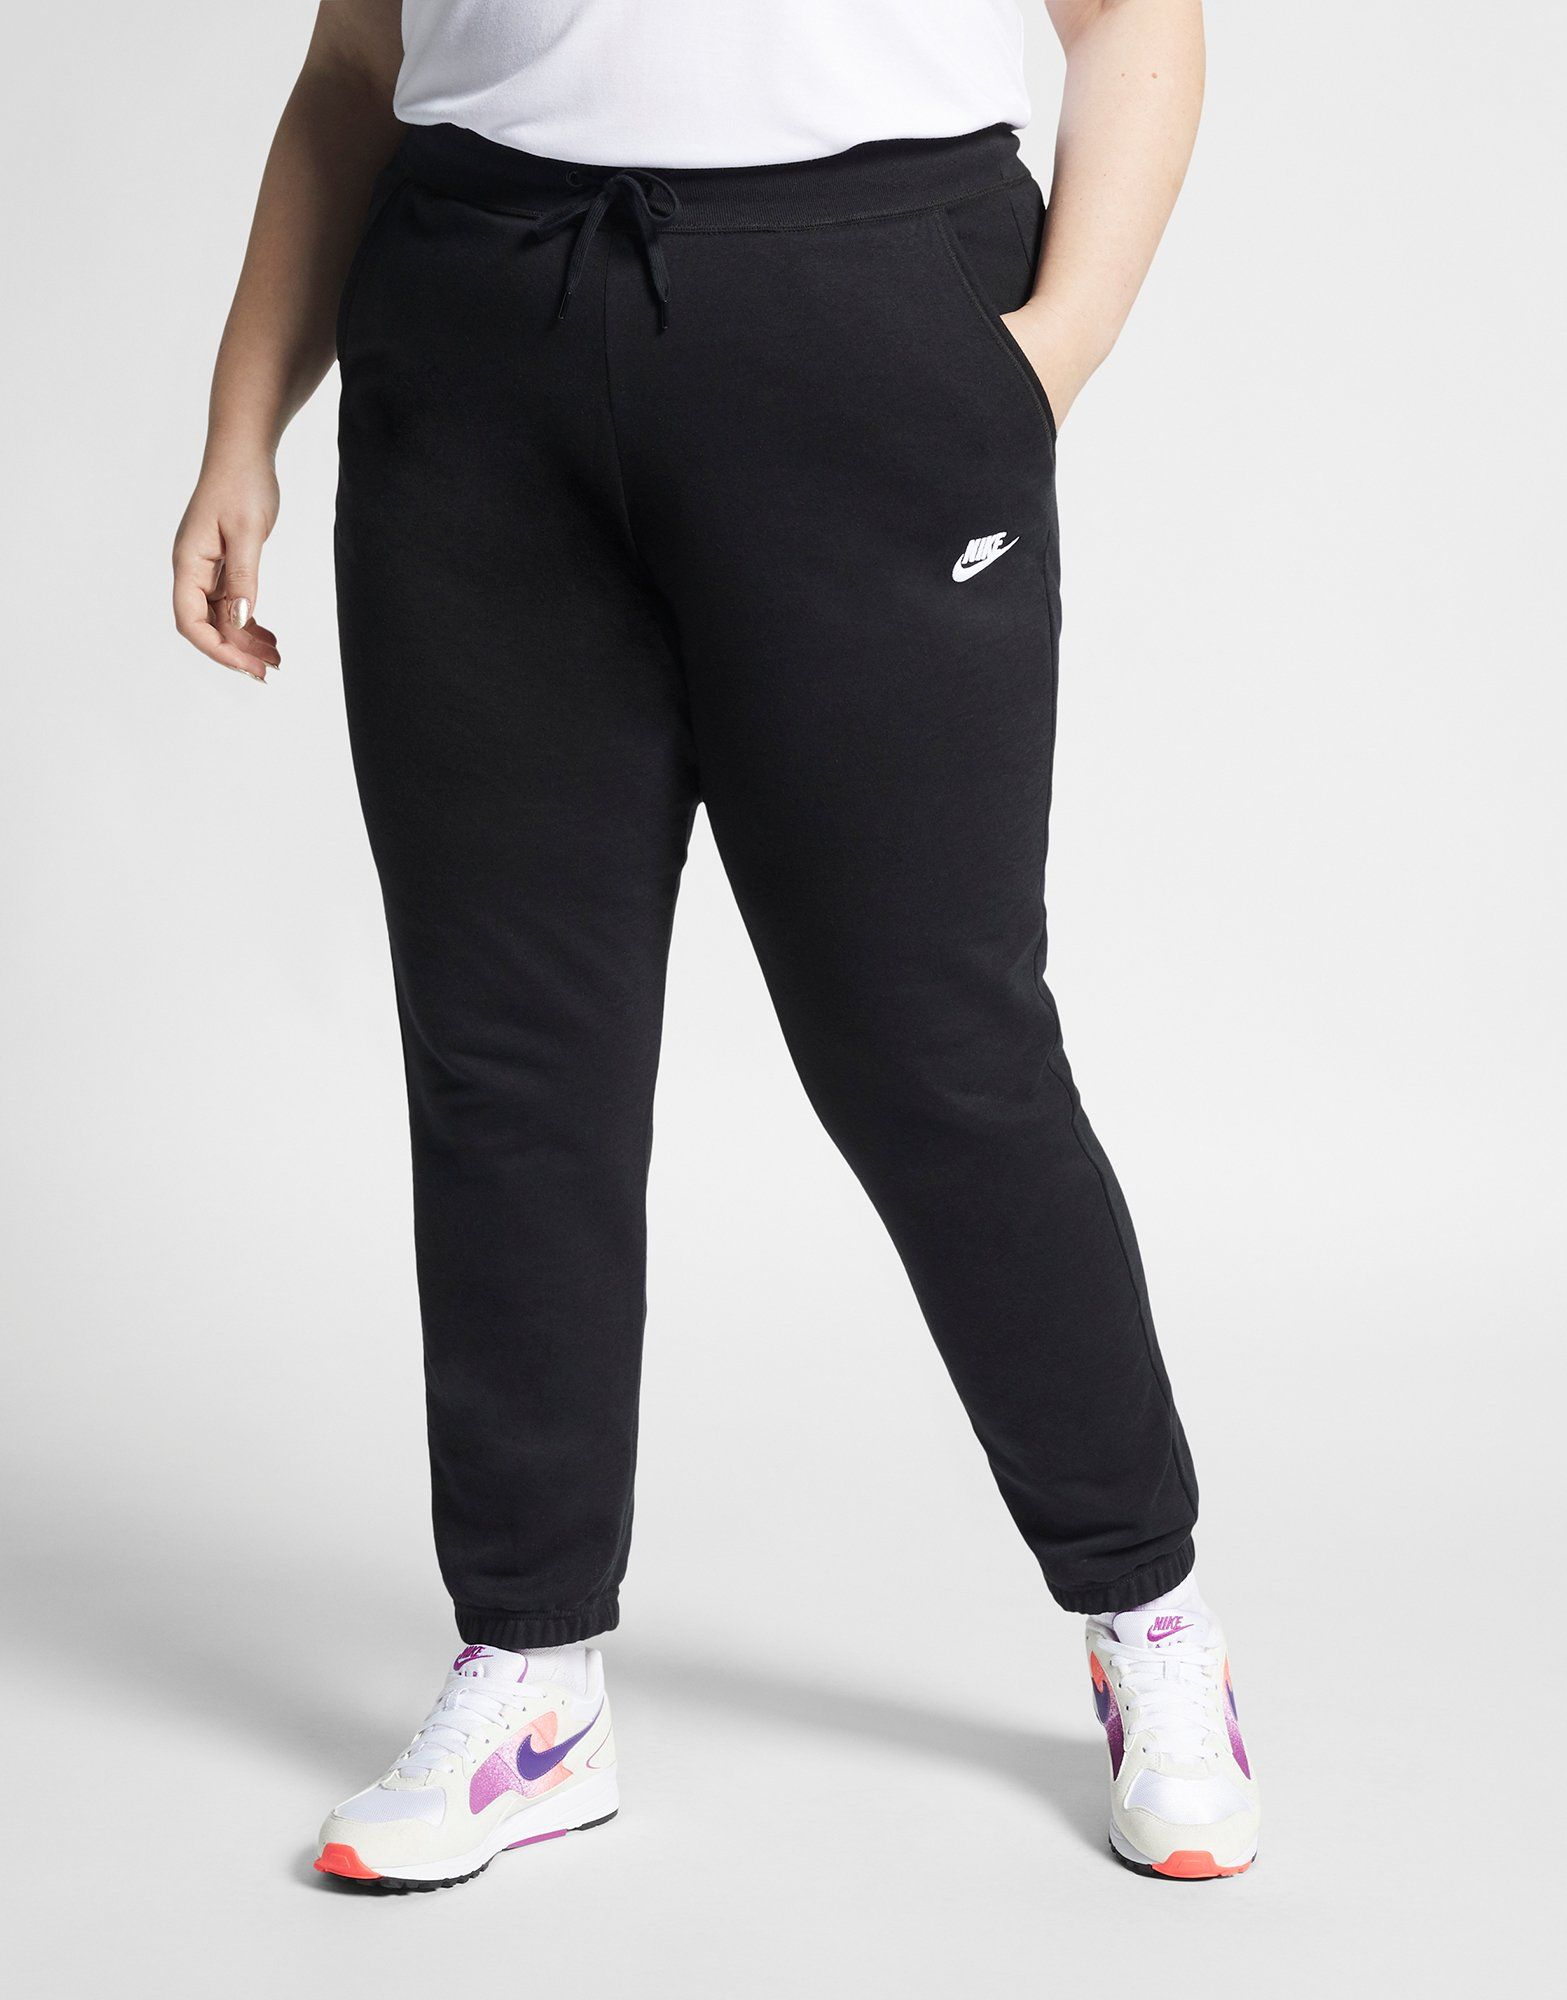 4598347003 NIKE Nike Sportswear Women's Fleece Trousers (Plus Size) | JD Sports